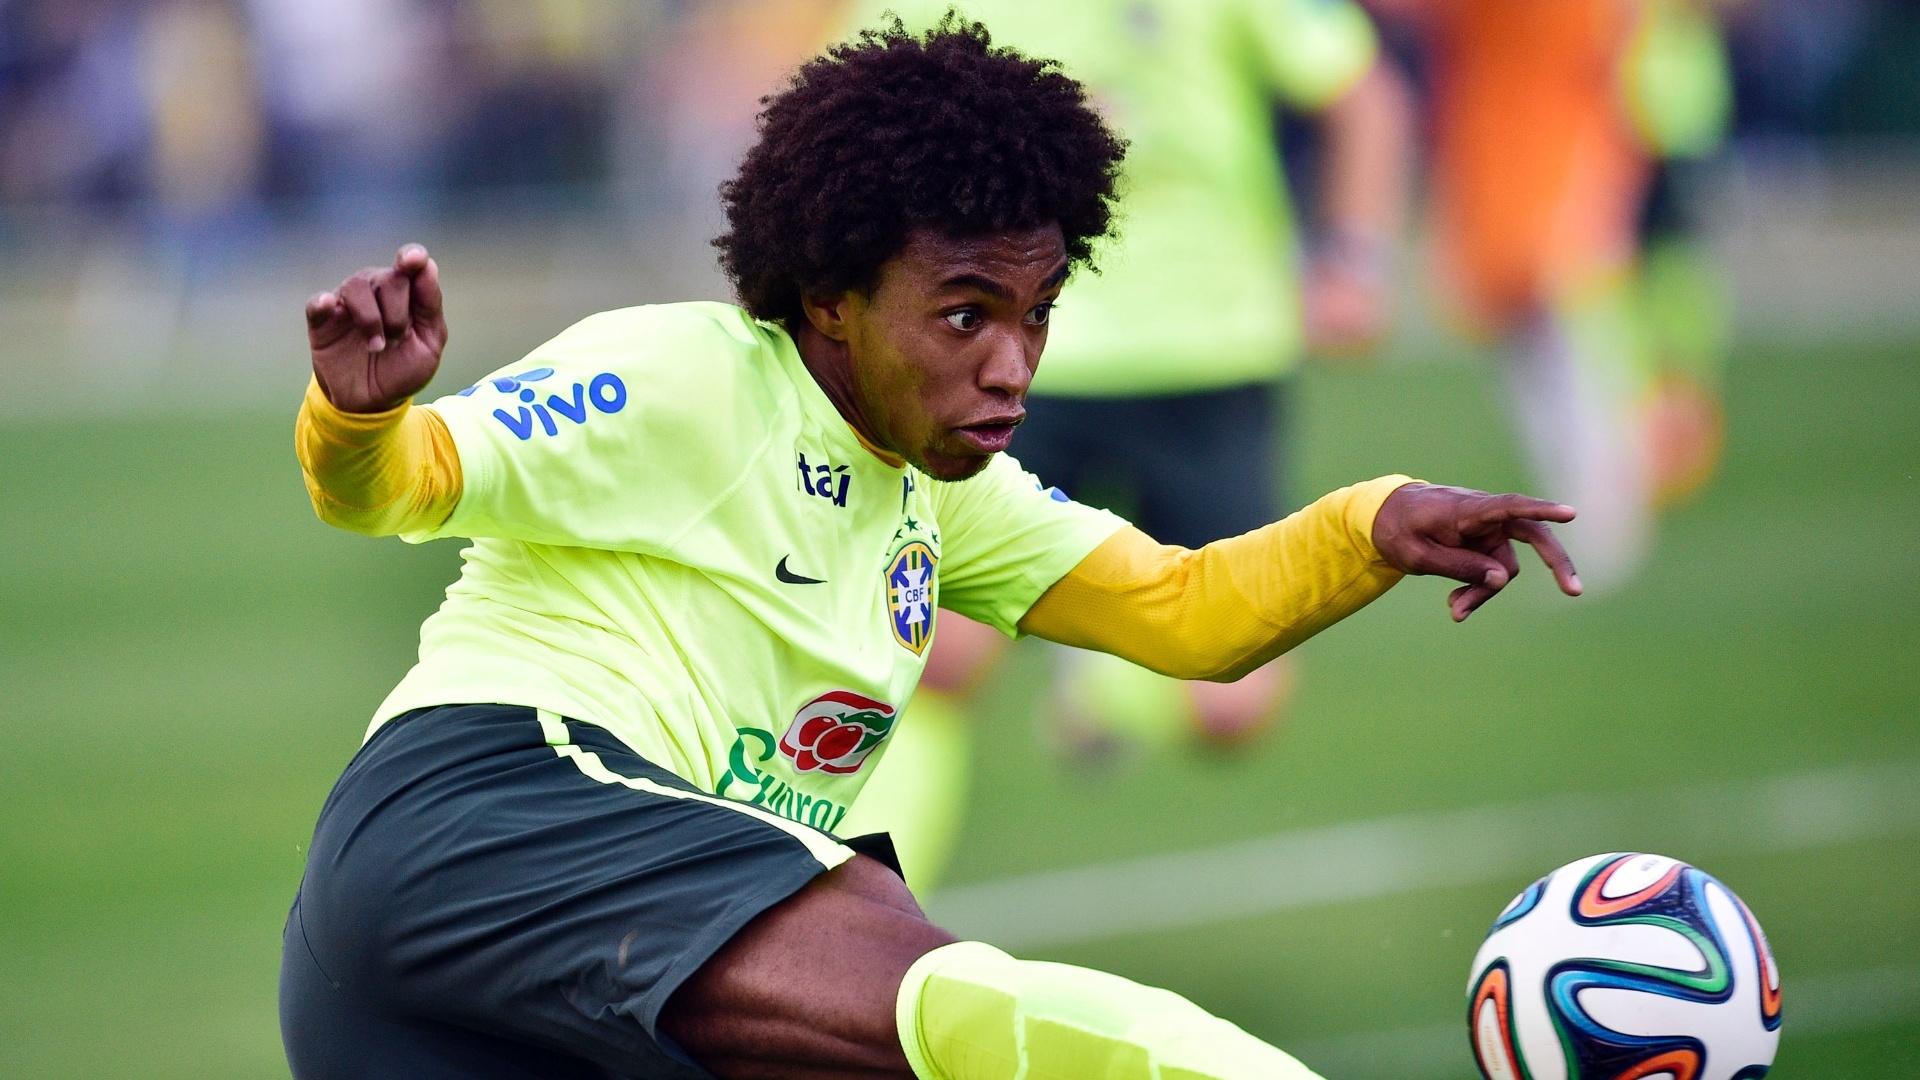 01.07.2014 - Willian chuta bola com estilo durante treino da seleção brasileira na Granja Comary